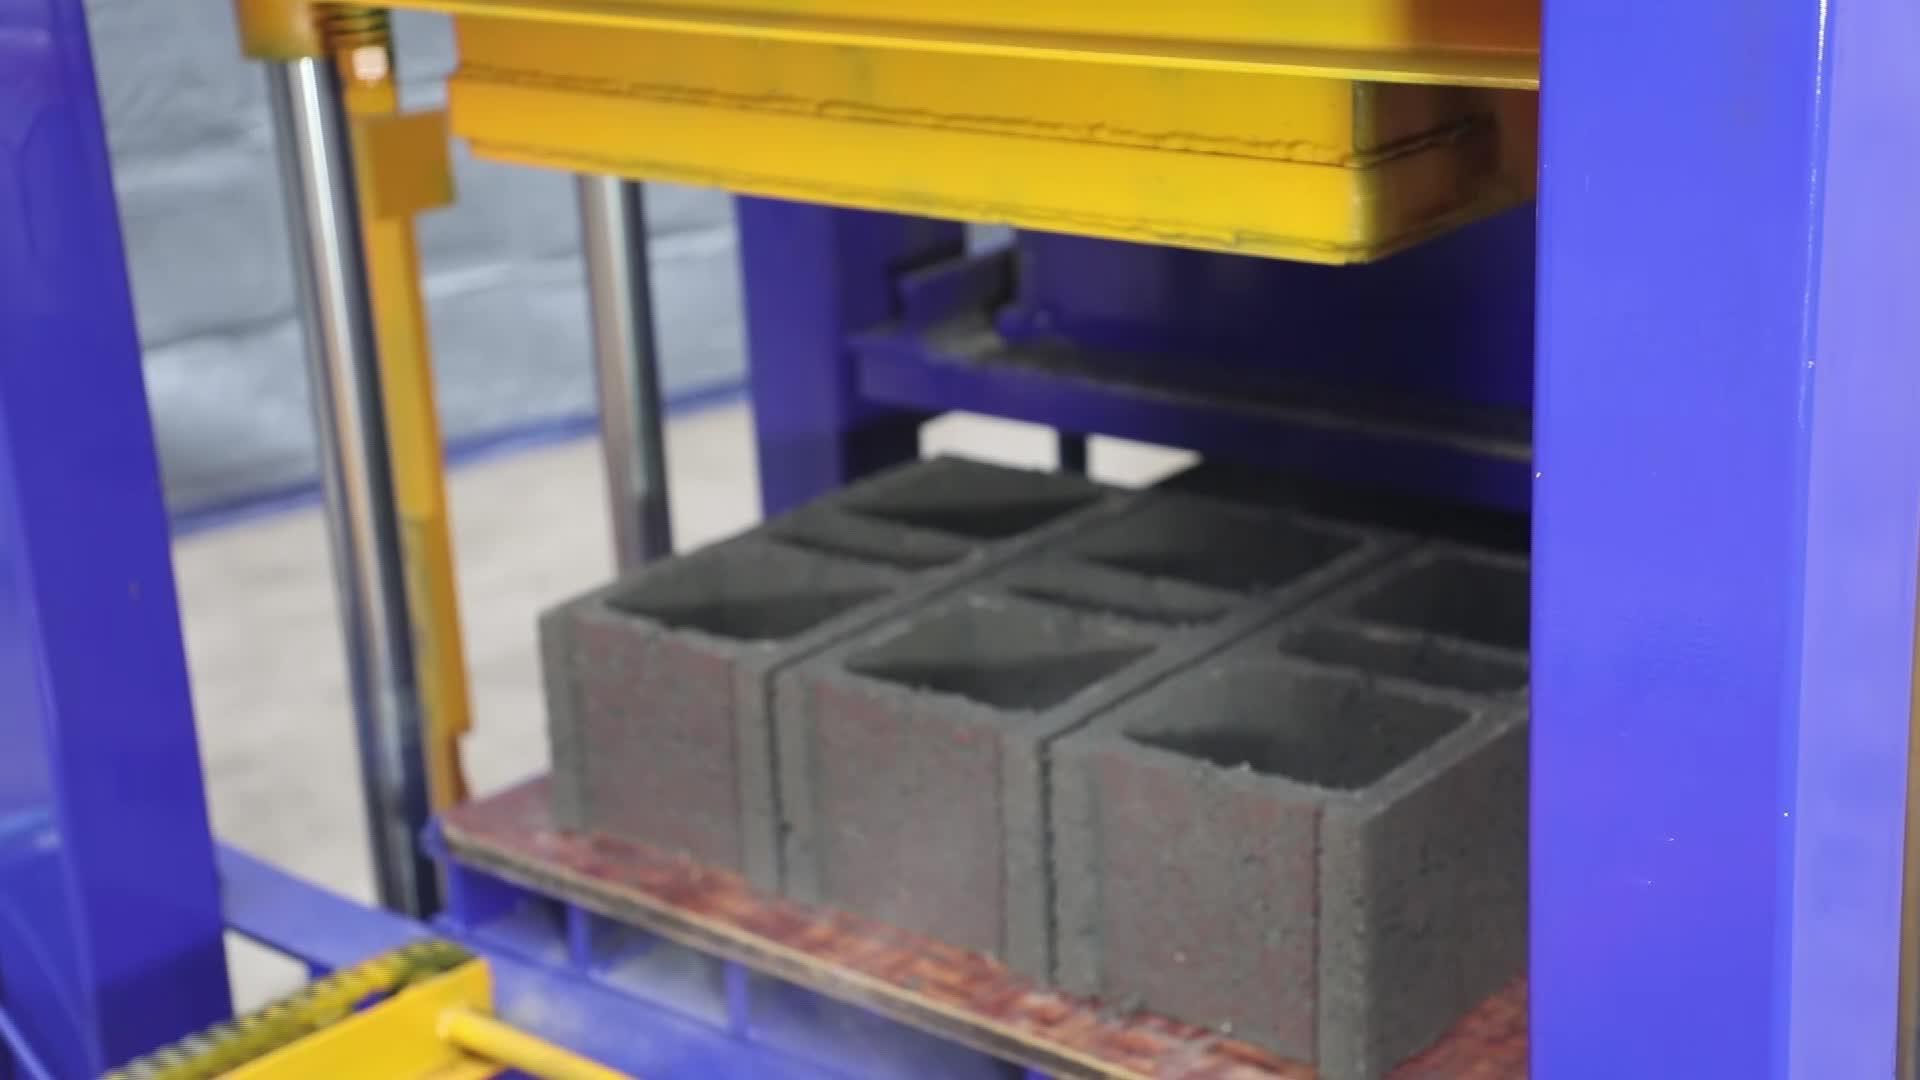 QT4-26 simi-auto concrete cement block making machine sale price in ghana